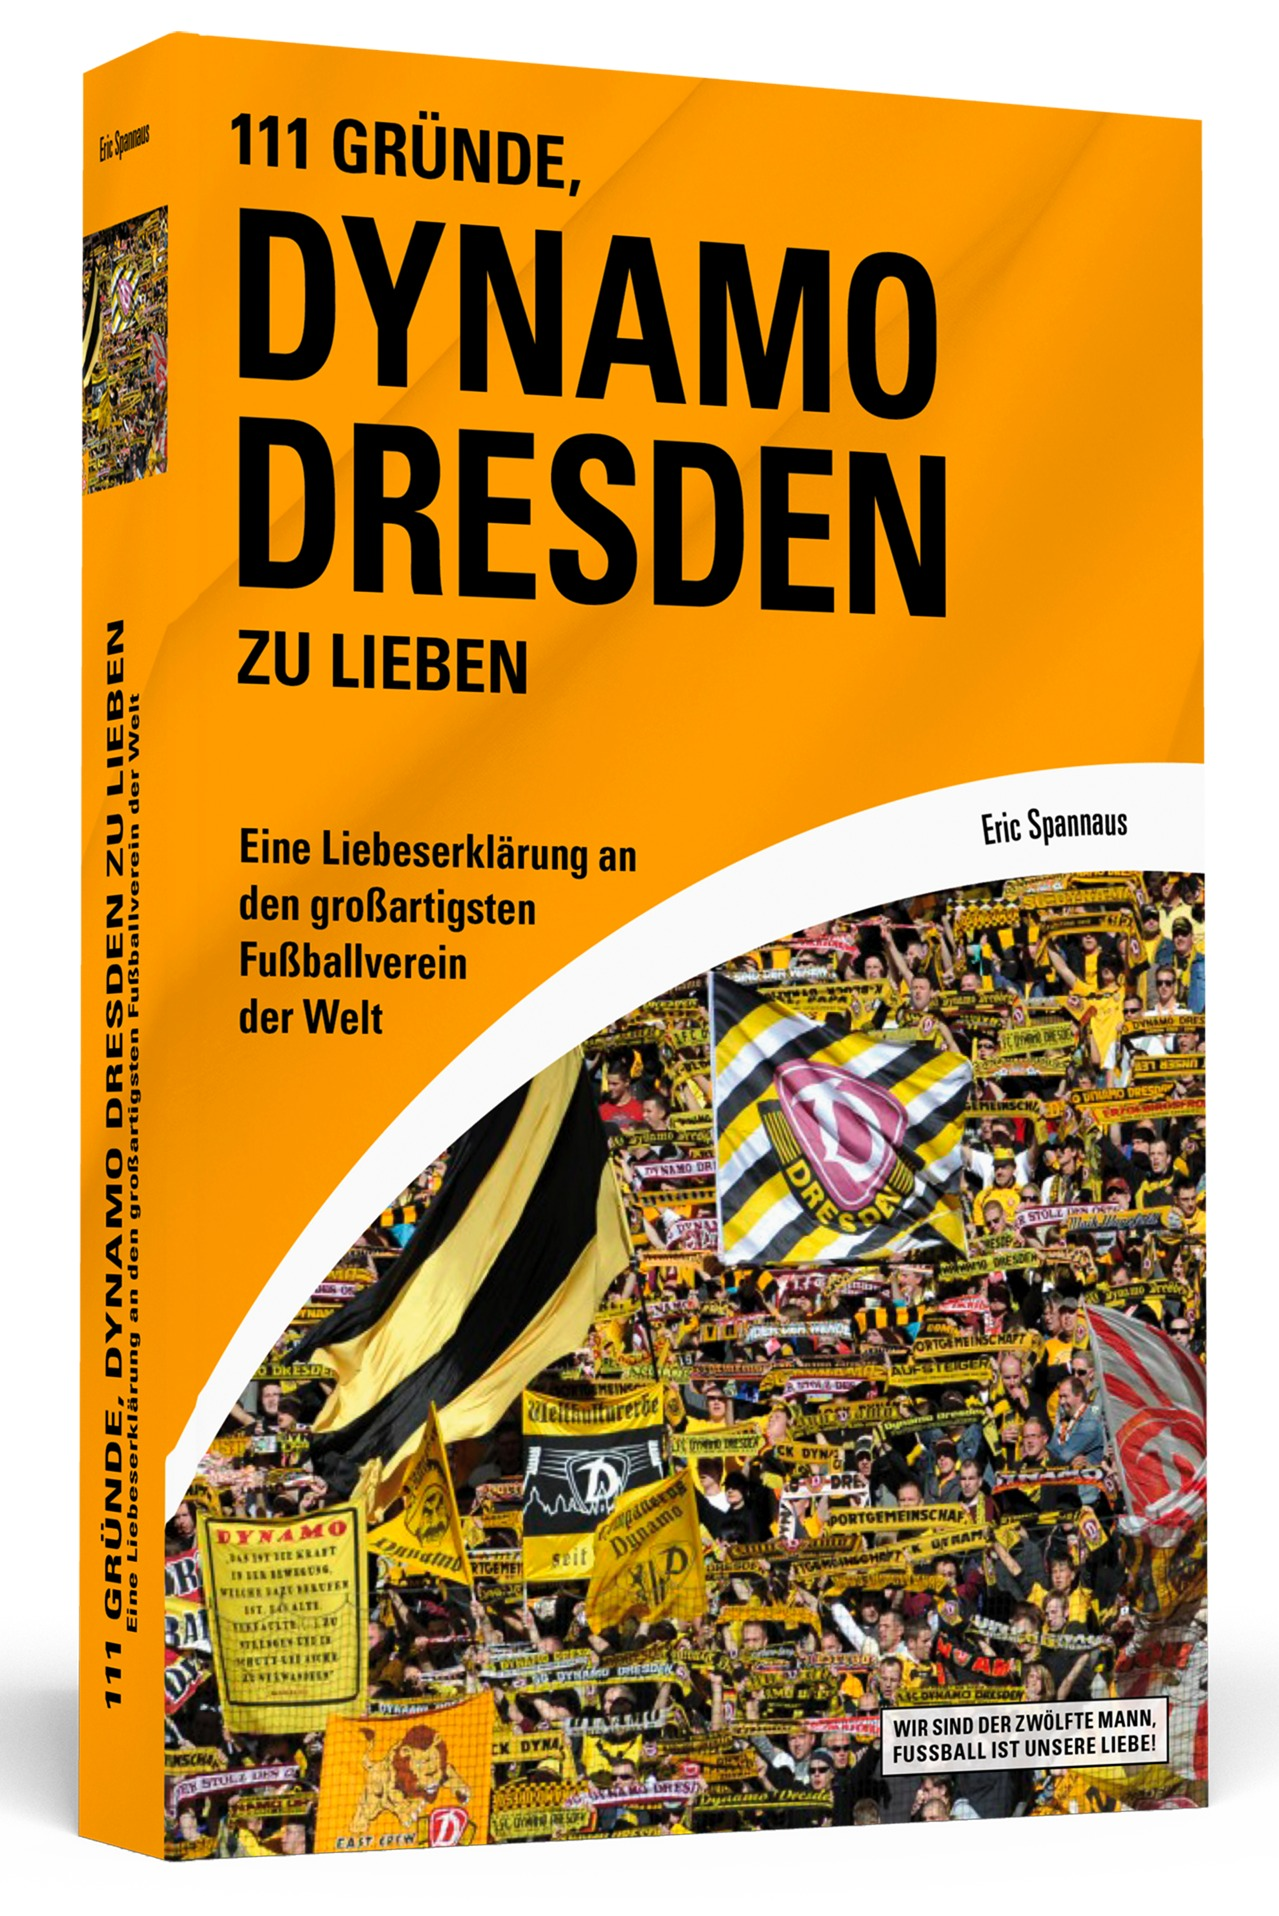 111 Gründe, Dynamo Dresden zu lieben - Eine Liebeserklärung an den großartigsten Fußballverein der Welt - Eric Spannaus